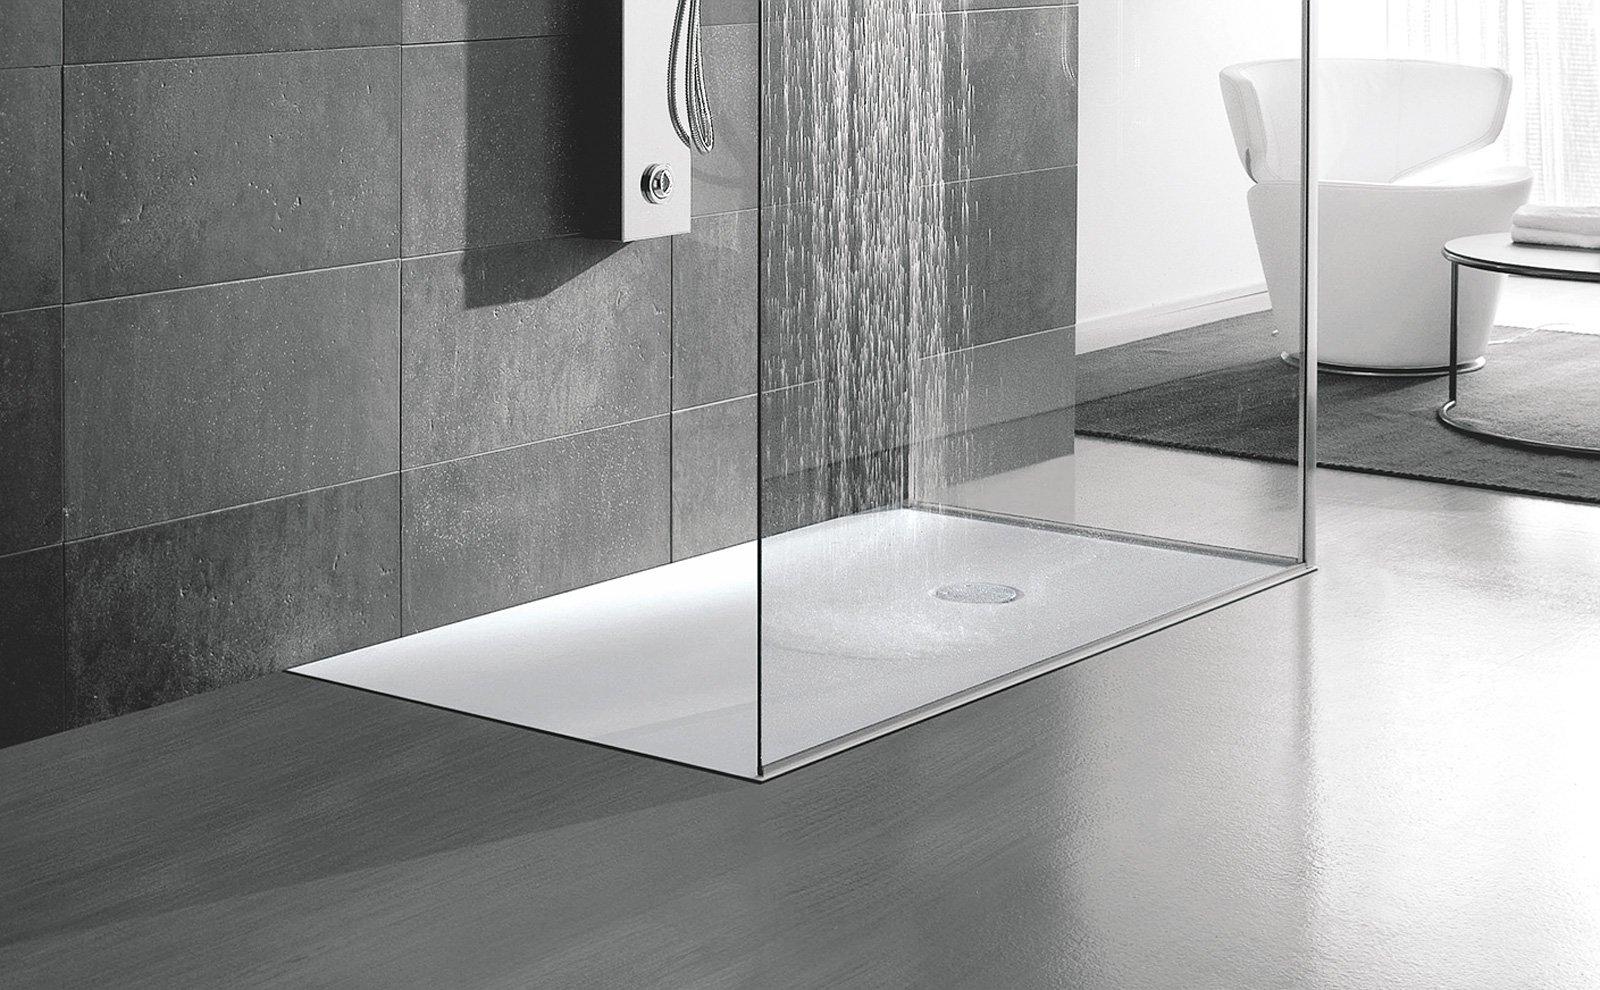 Piatti doccia a filo per un bagno trendy cose di casa - Piatto doccia a filo pavimento svantaggi ...